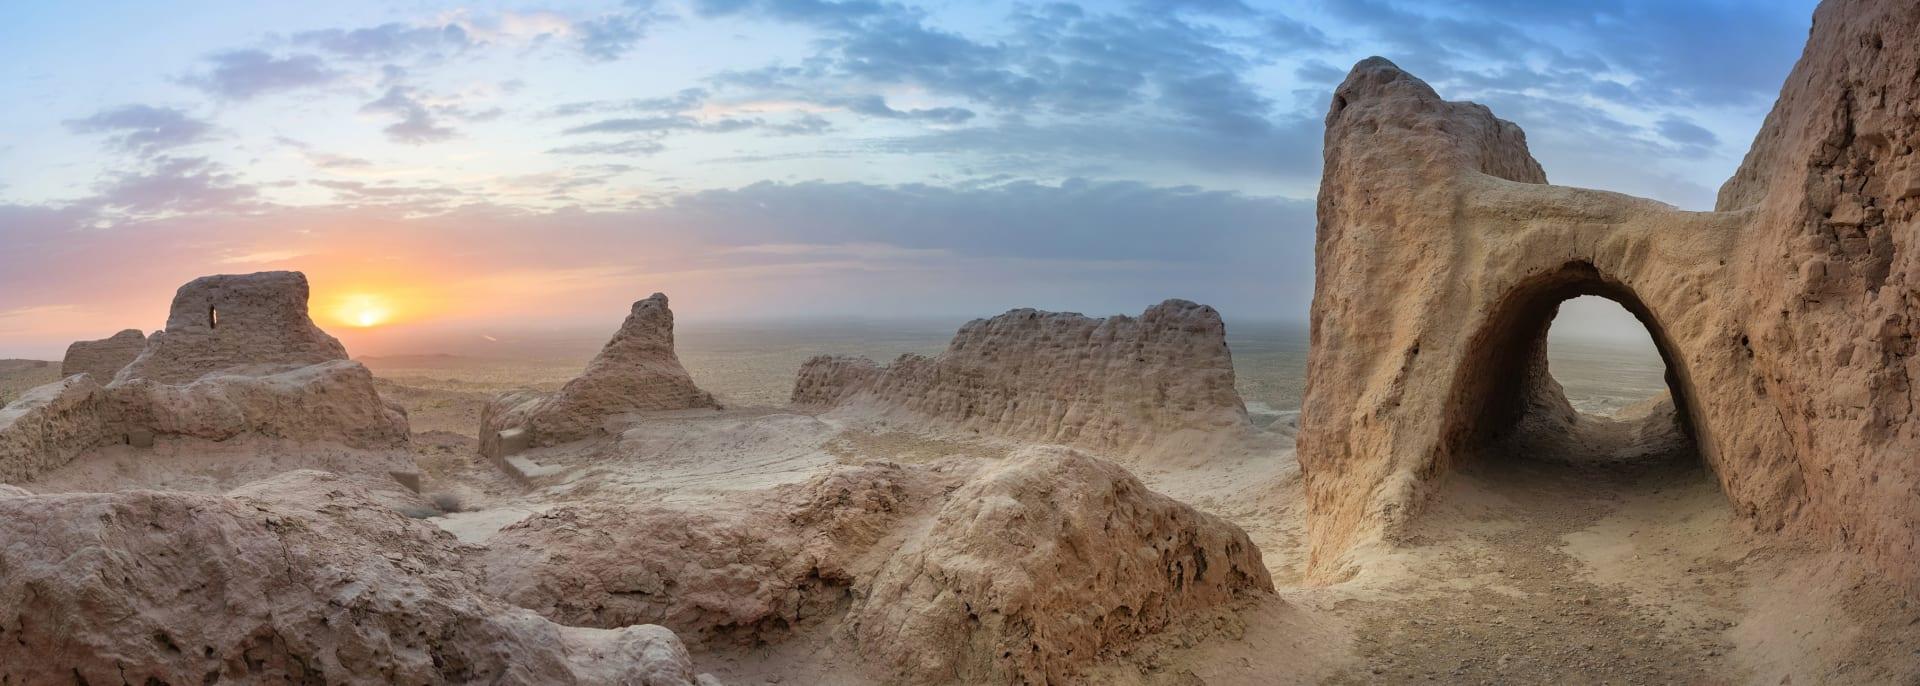 Kyzylkum Wüste, Usbekistan